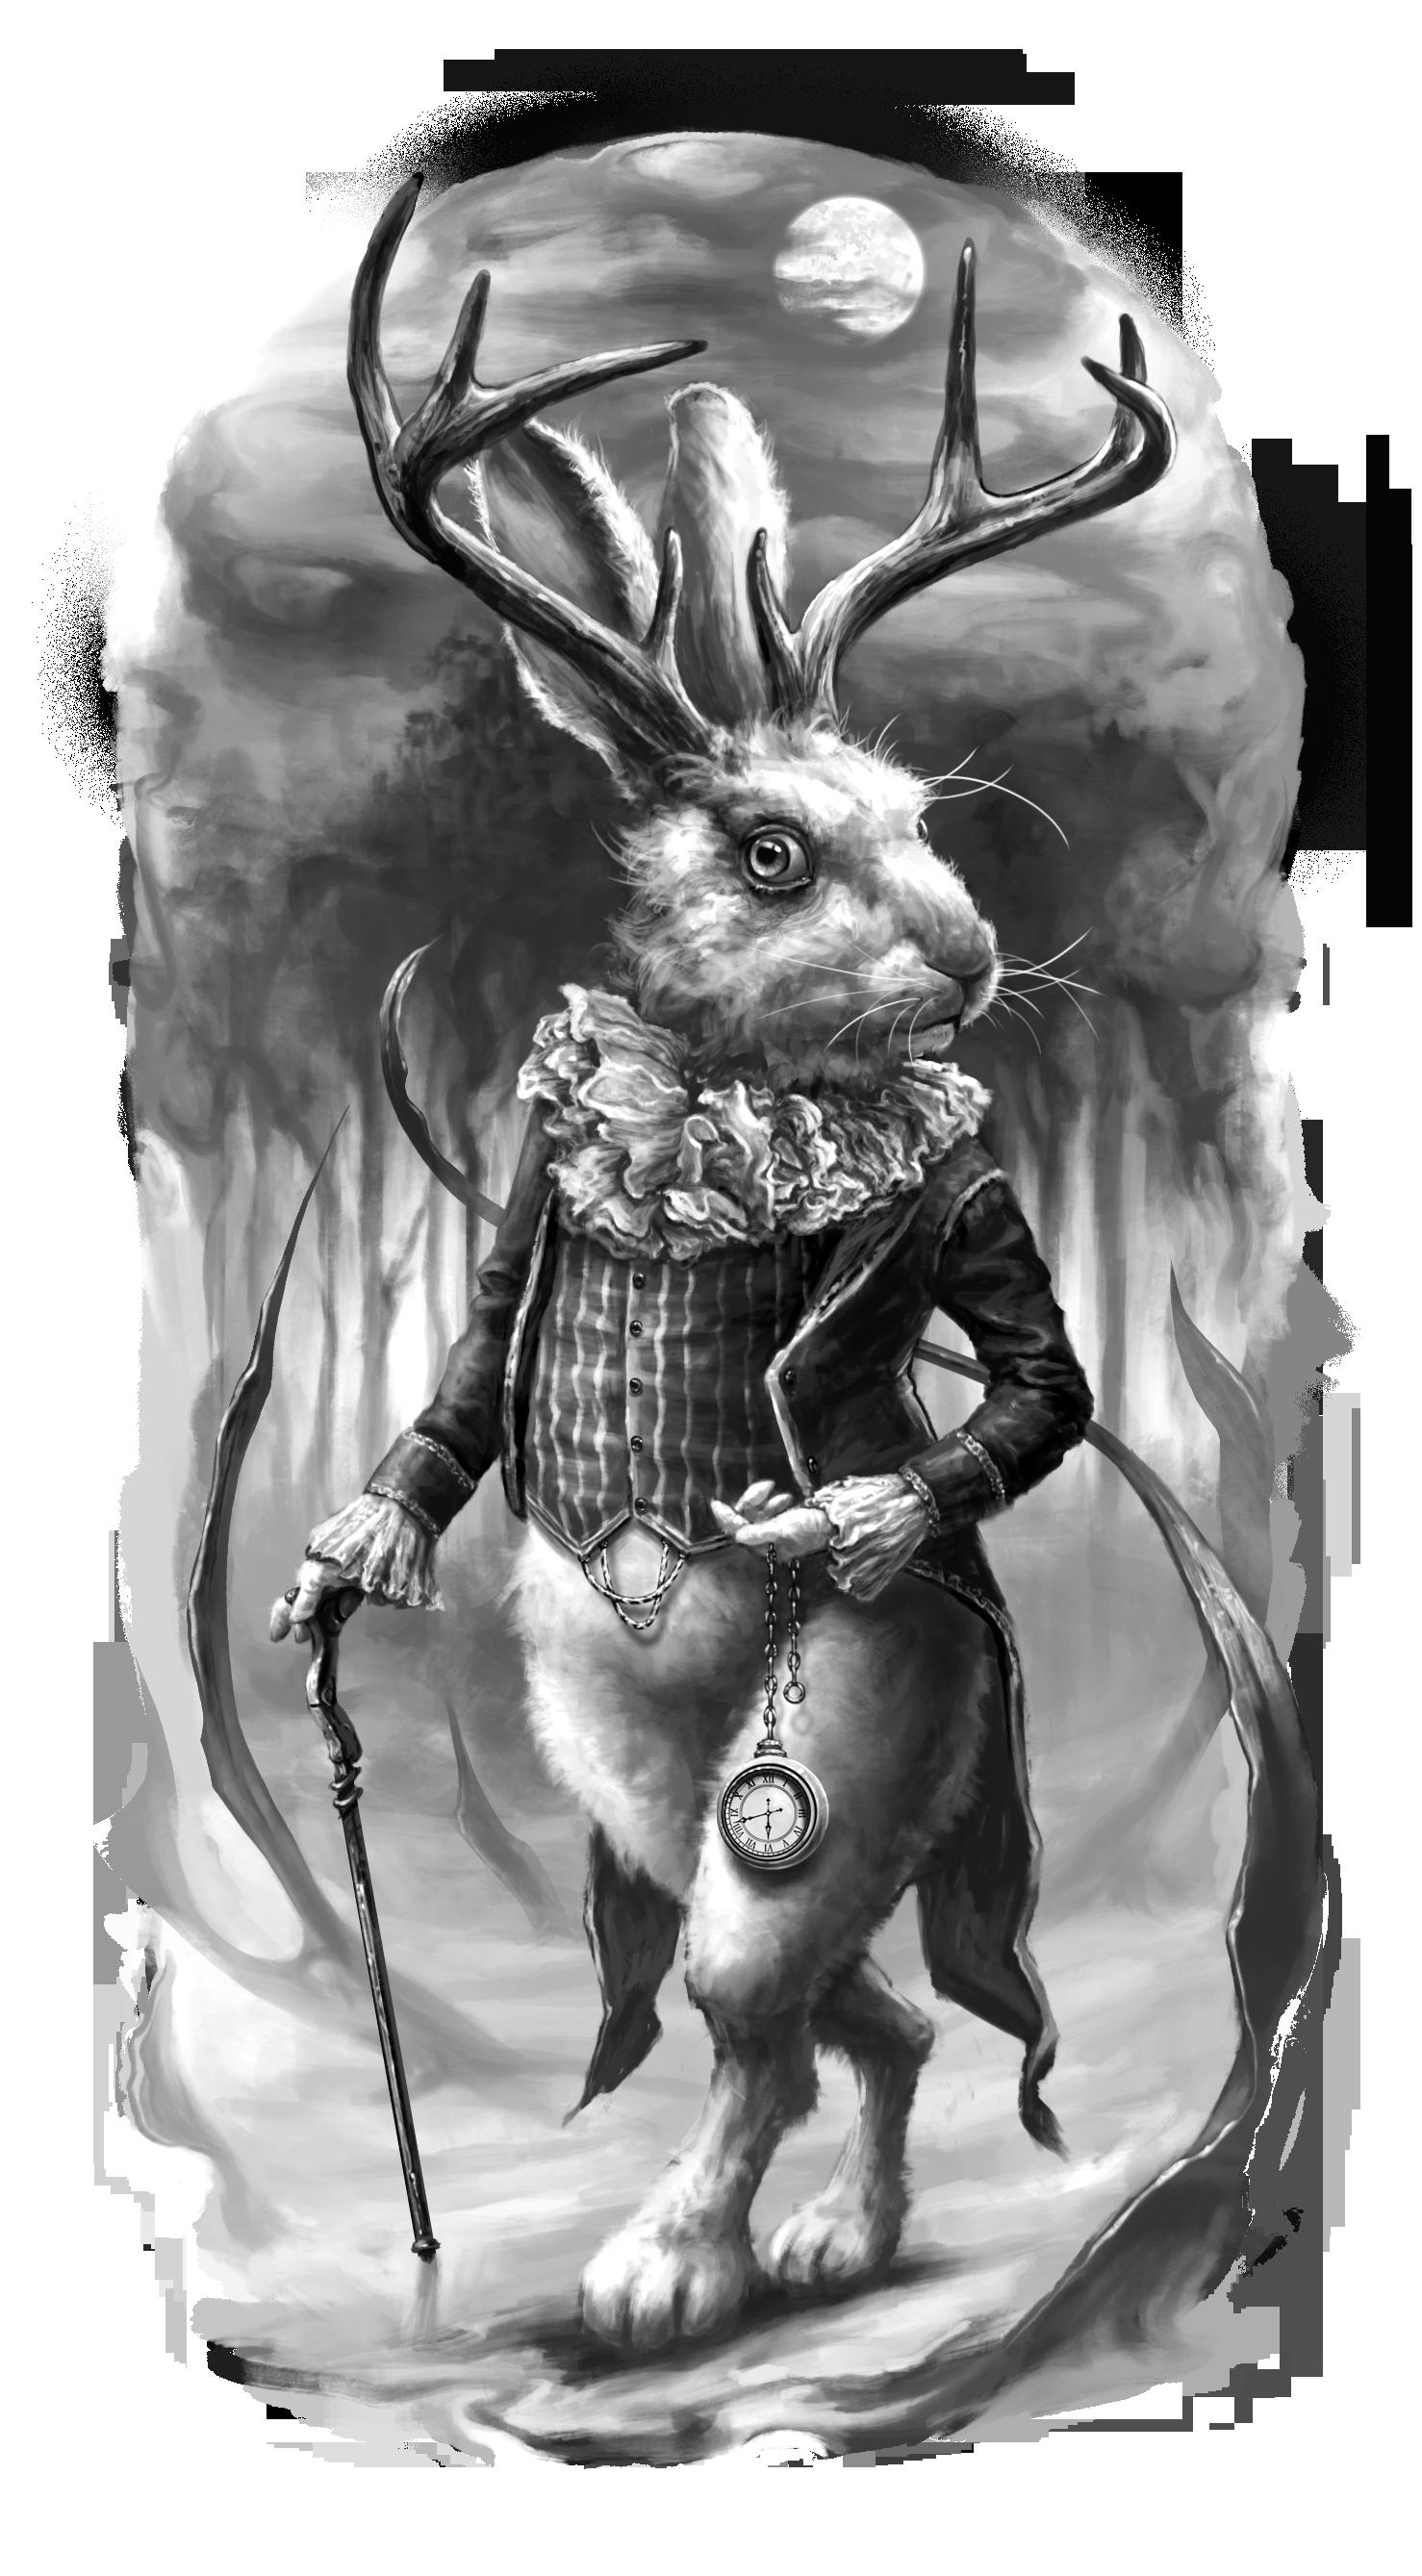 White Rabbit Tattoo design